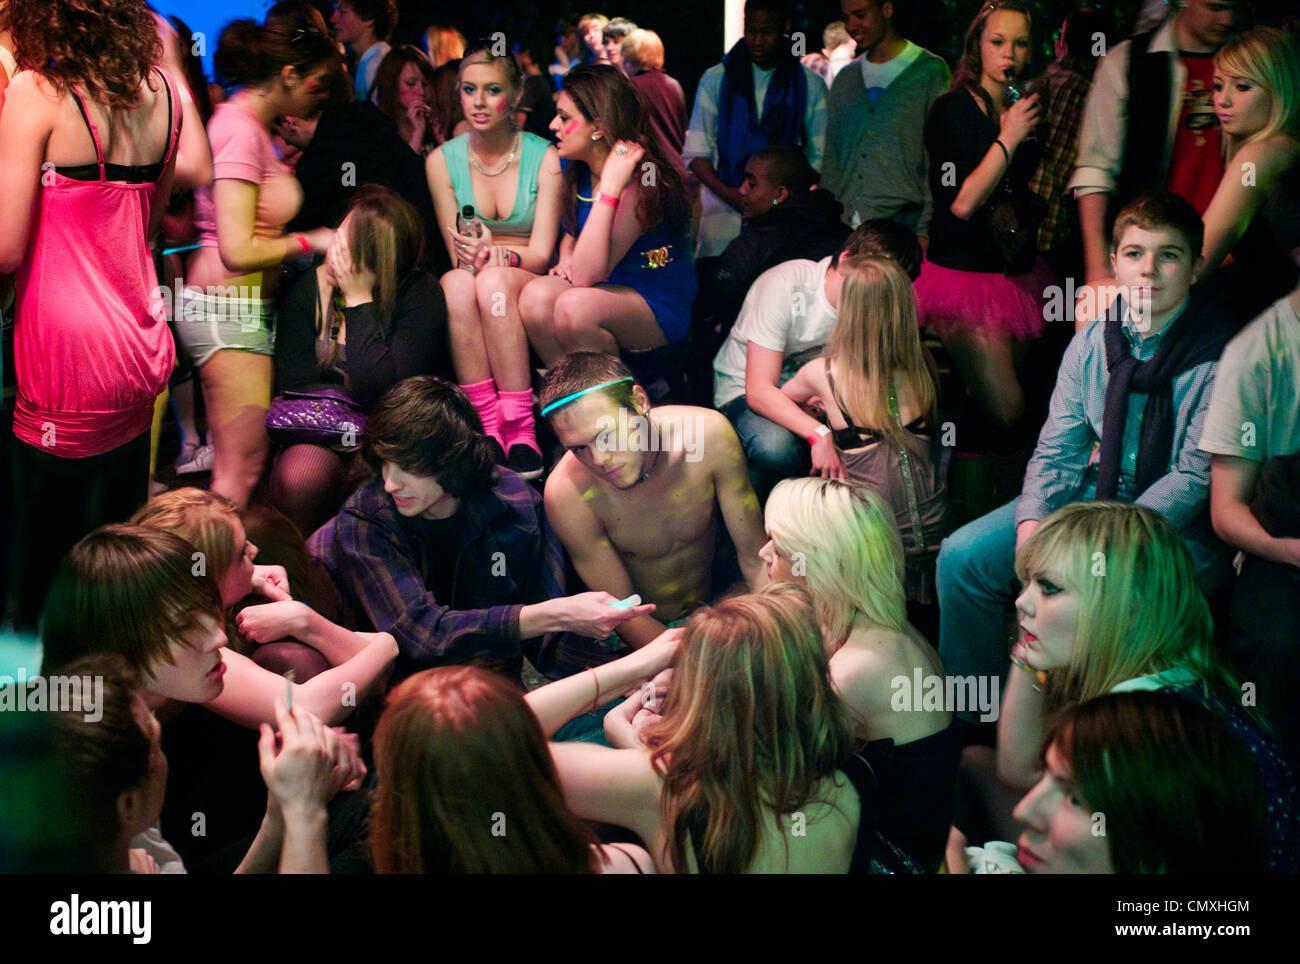 Gli adolescenti in Newquay, Cornwall partying. Immagini Stock